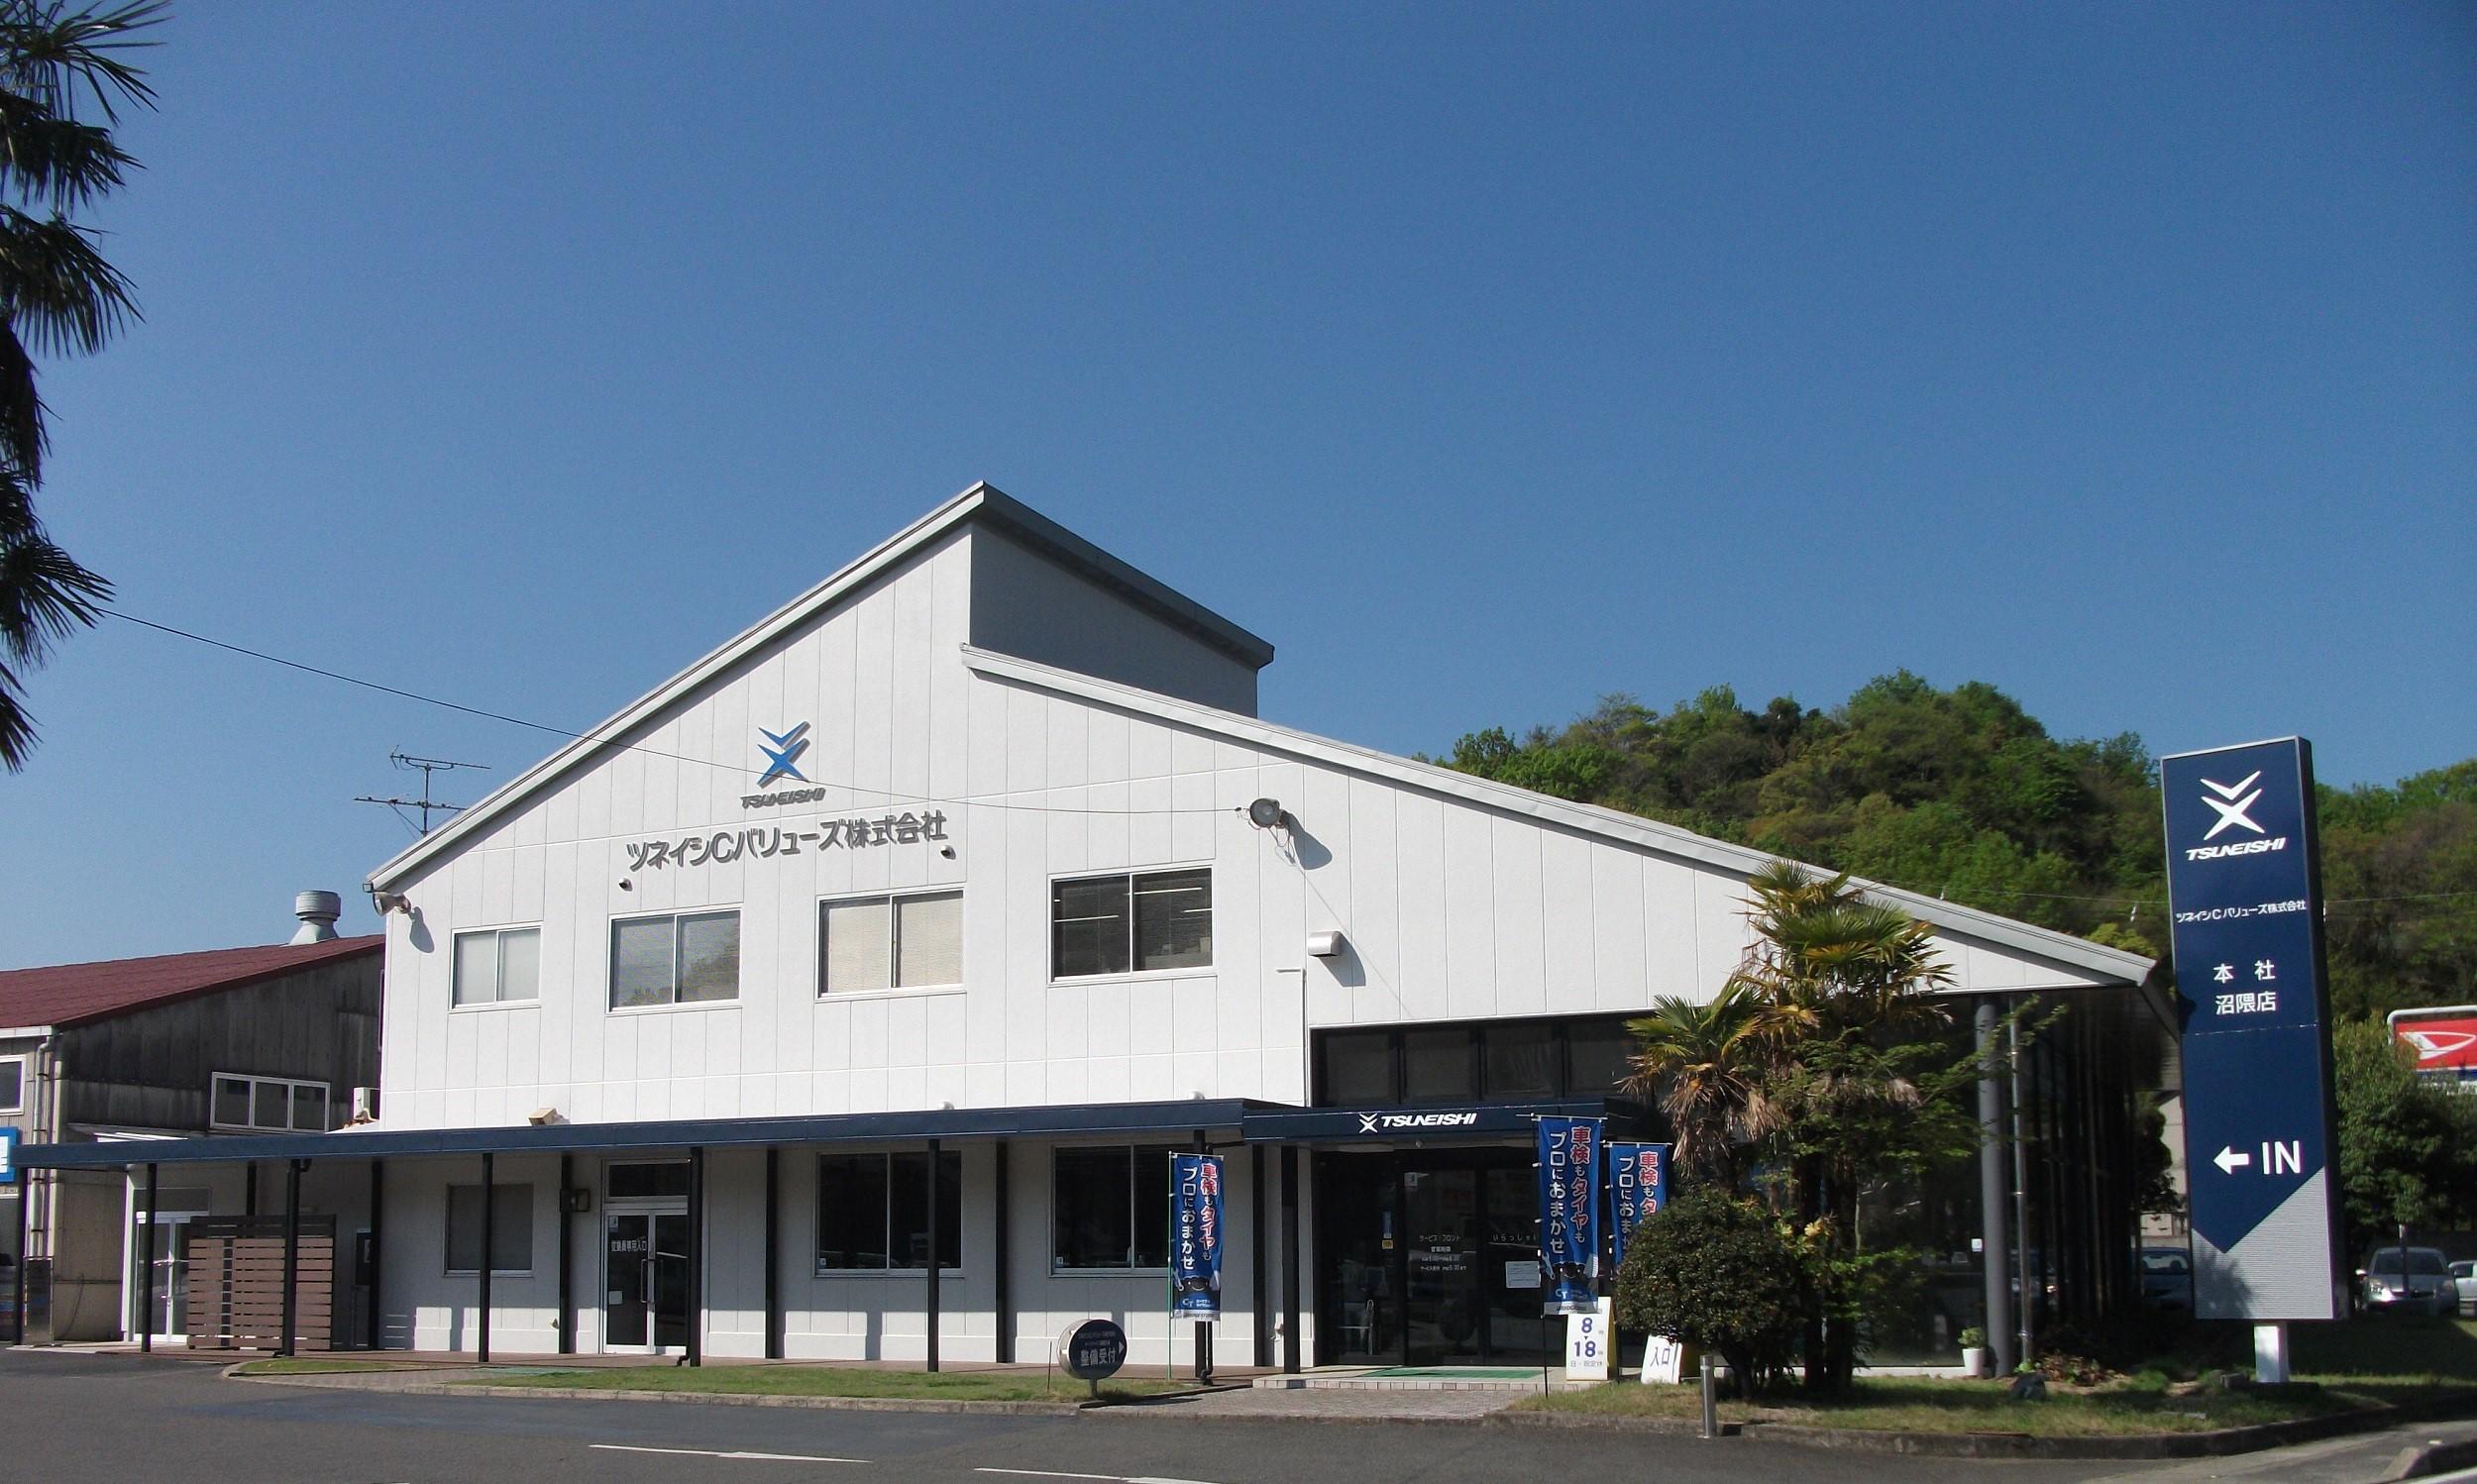 ツネイシCバリューズ沼隈店 営業時間変更のお知らせ